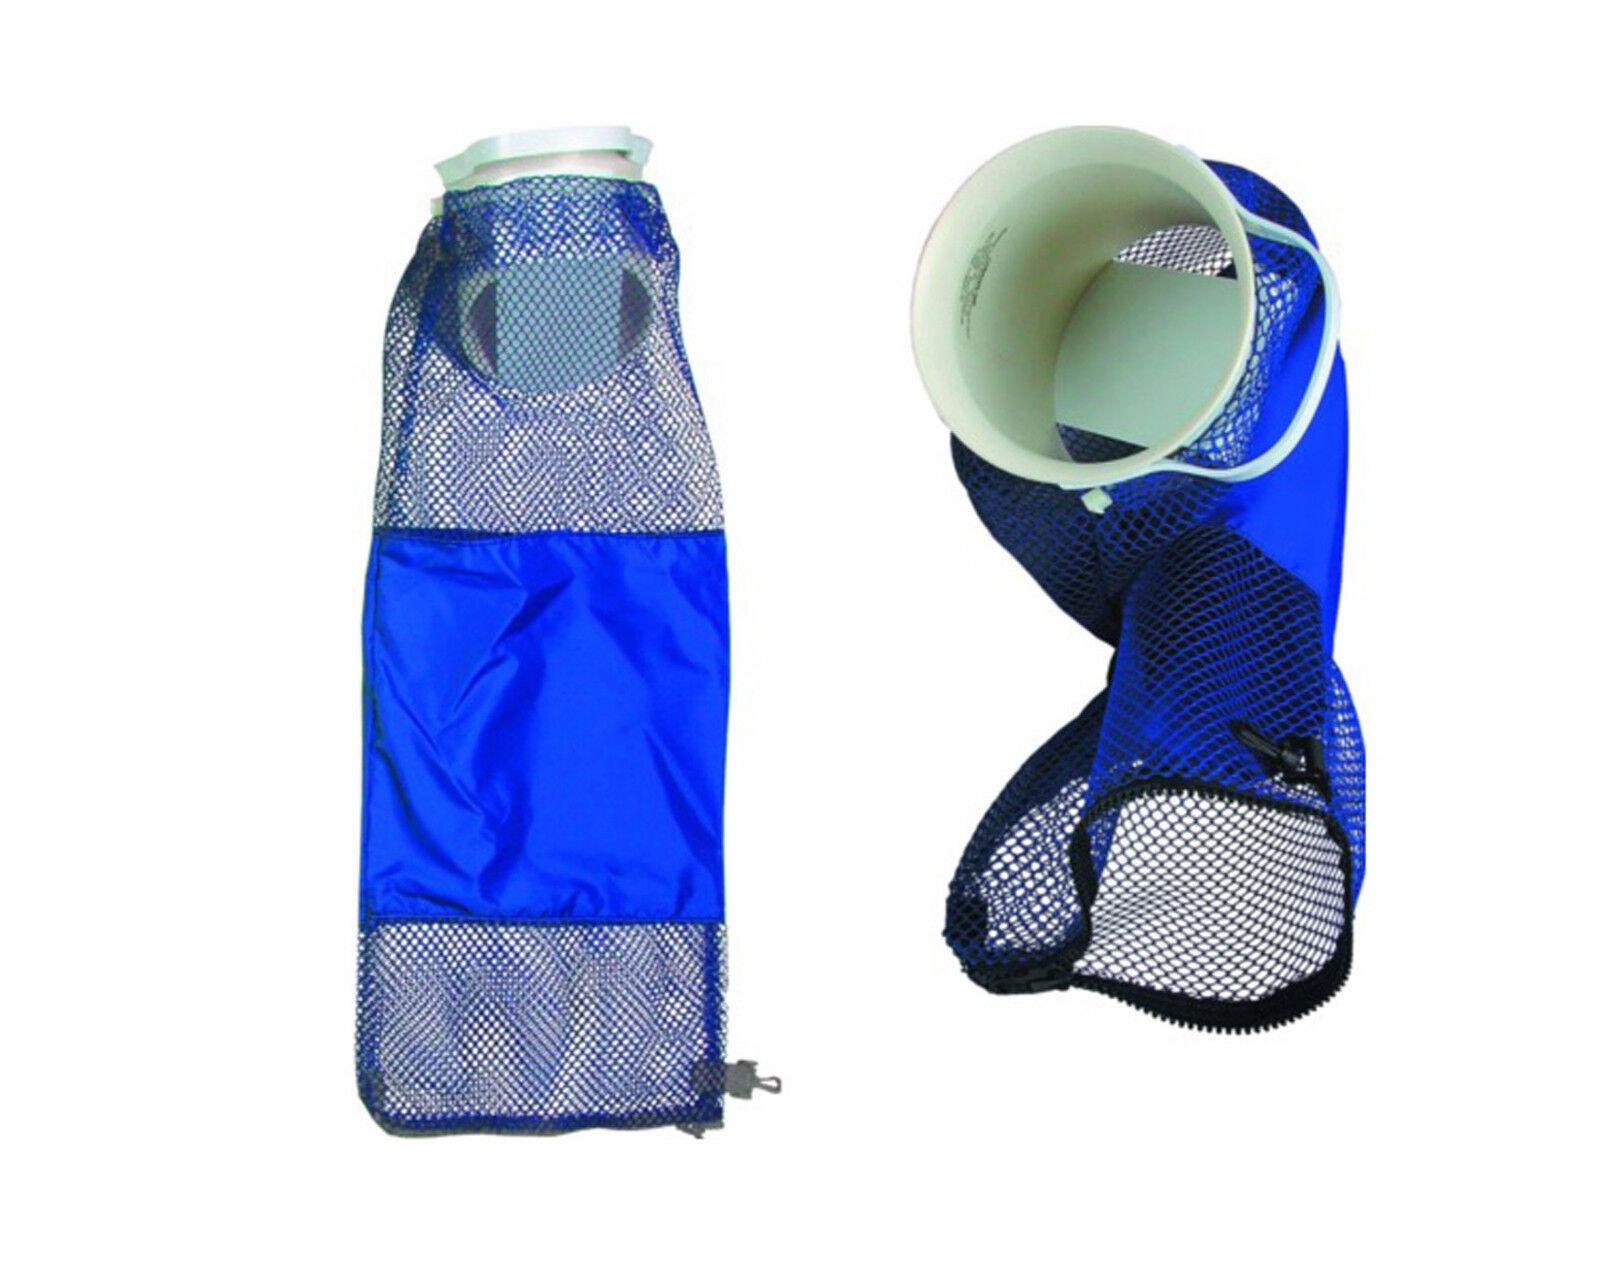 Lobster Inn Deluxe Mesh Game Bag for Scuba, Freediving bluee BG0806